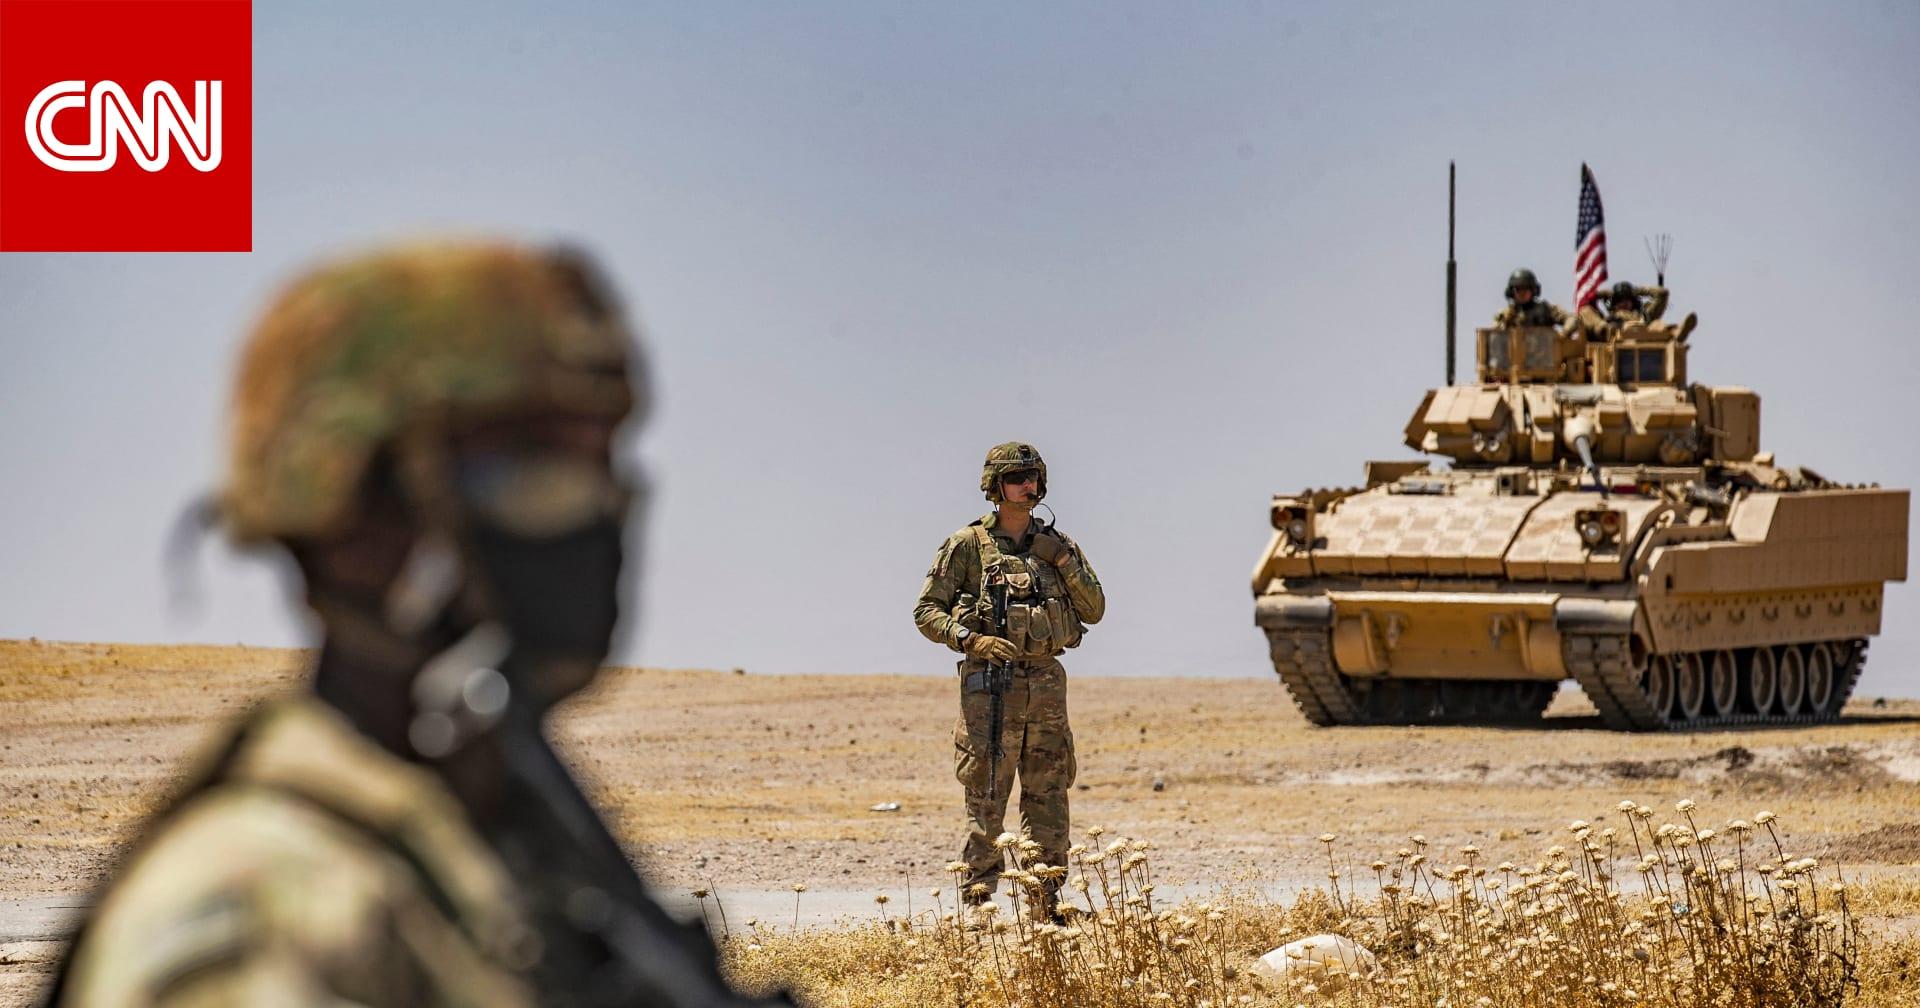 متحدث التحالف الدولي: القوات الأمريكية في سوريا تعرضت لهجمات صاروخية متعددة